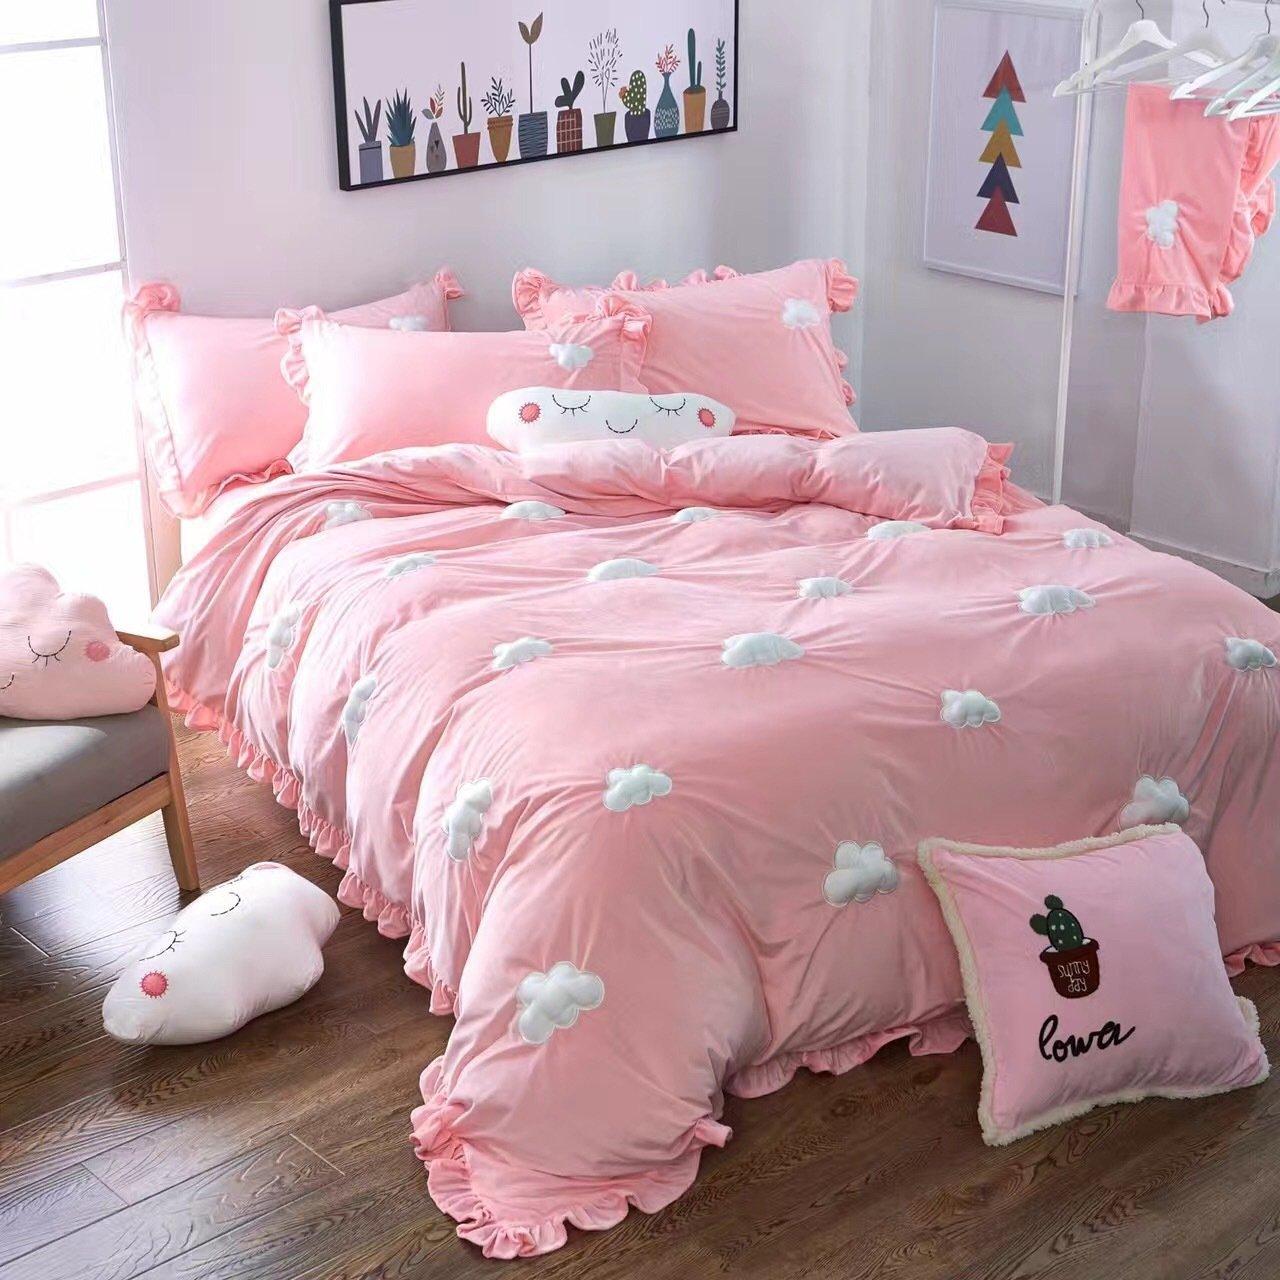 WINLIFE Домашний текстиль Вышивка Милые 3D облако Ультра мягкий коралловый бархат набор пододеяльников для пуховых одеял комплект мятая